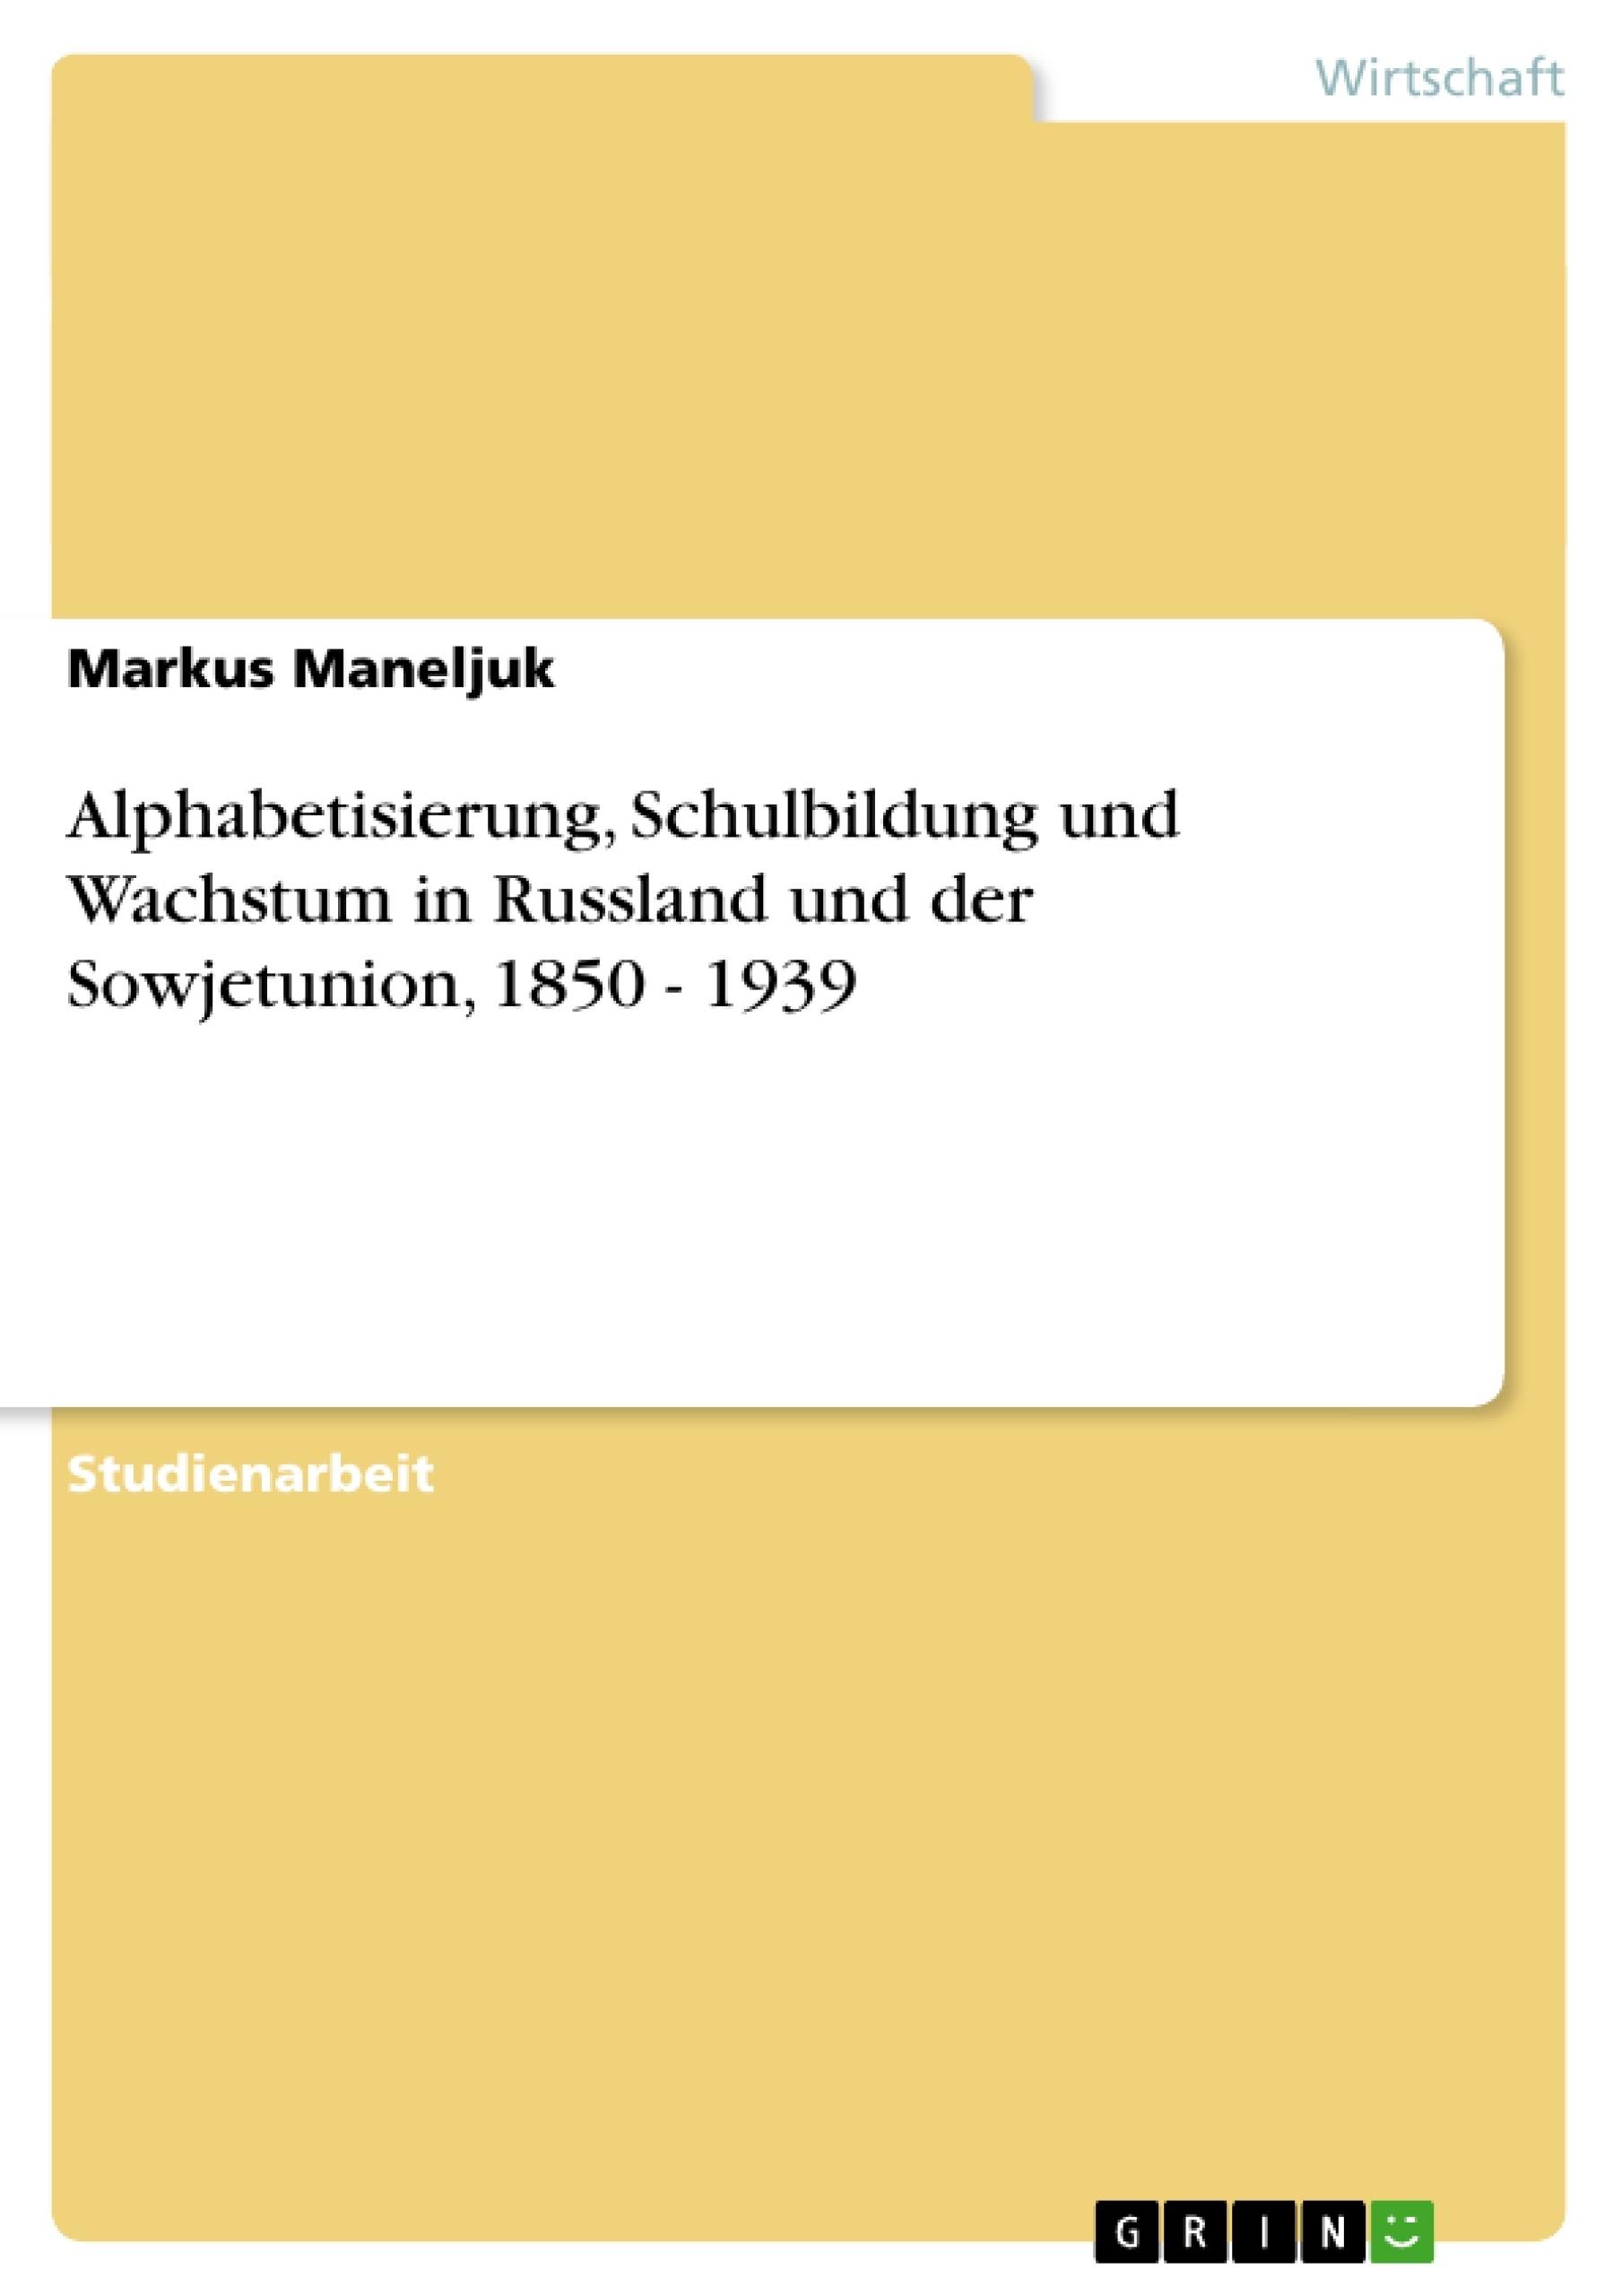 Titel: Alphabetisierung, Schulbildung und Wachstum in Russland und der Sowjetunion, 1850 - 1939